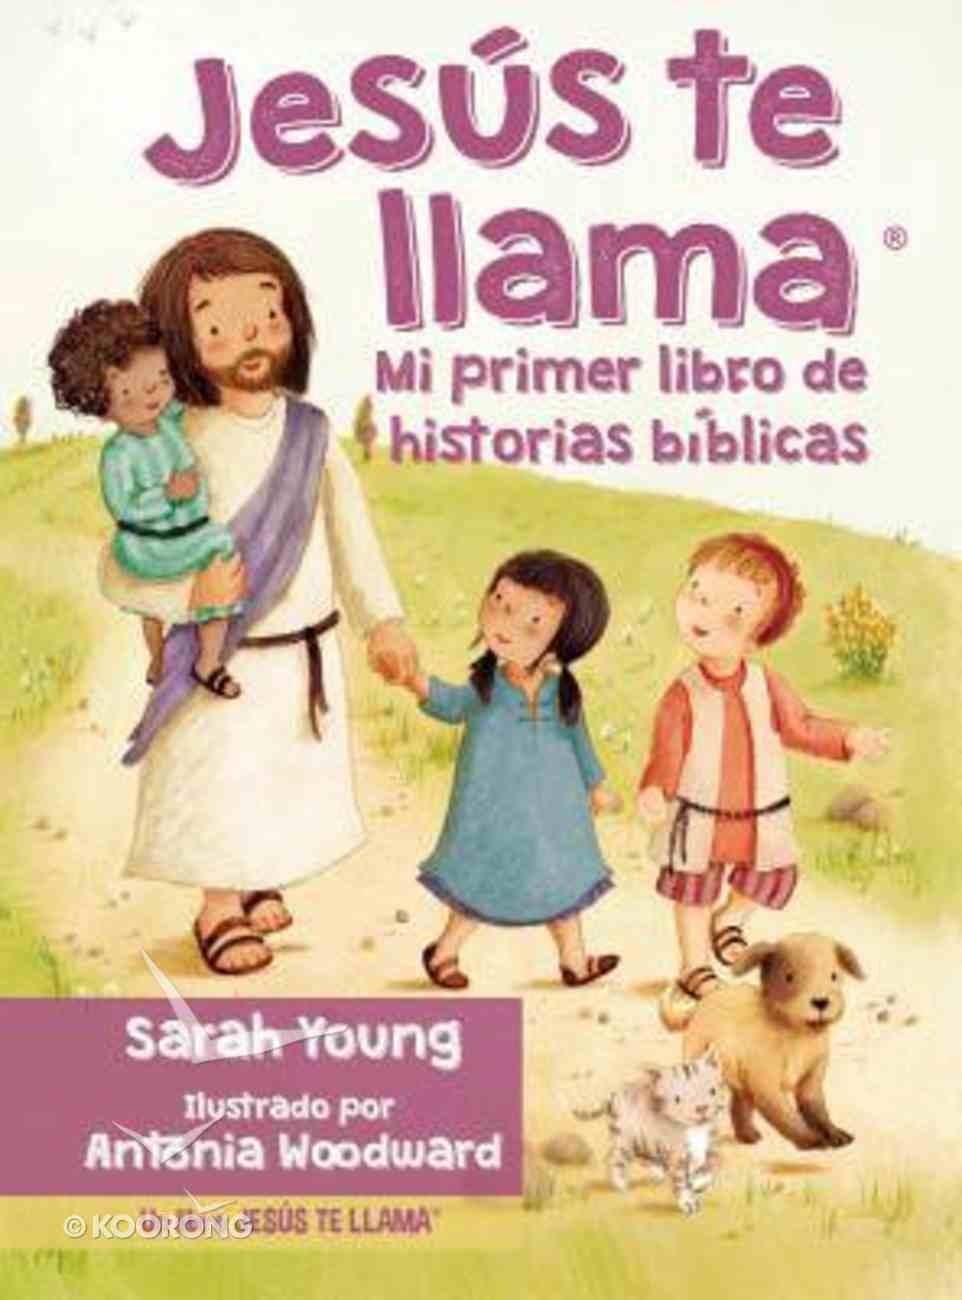 Jess Te Llama: Mi Primer Libro De Historias Bblicas (Jesus Called My First Bible Storybook) Board Book